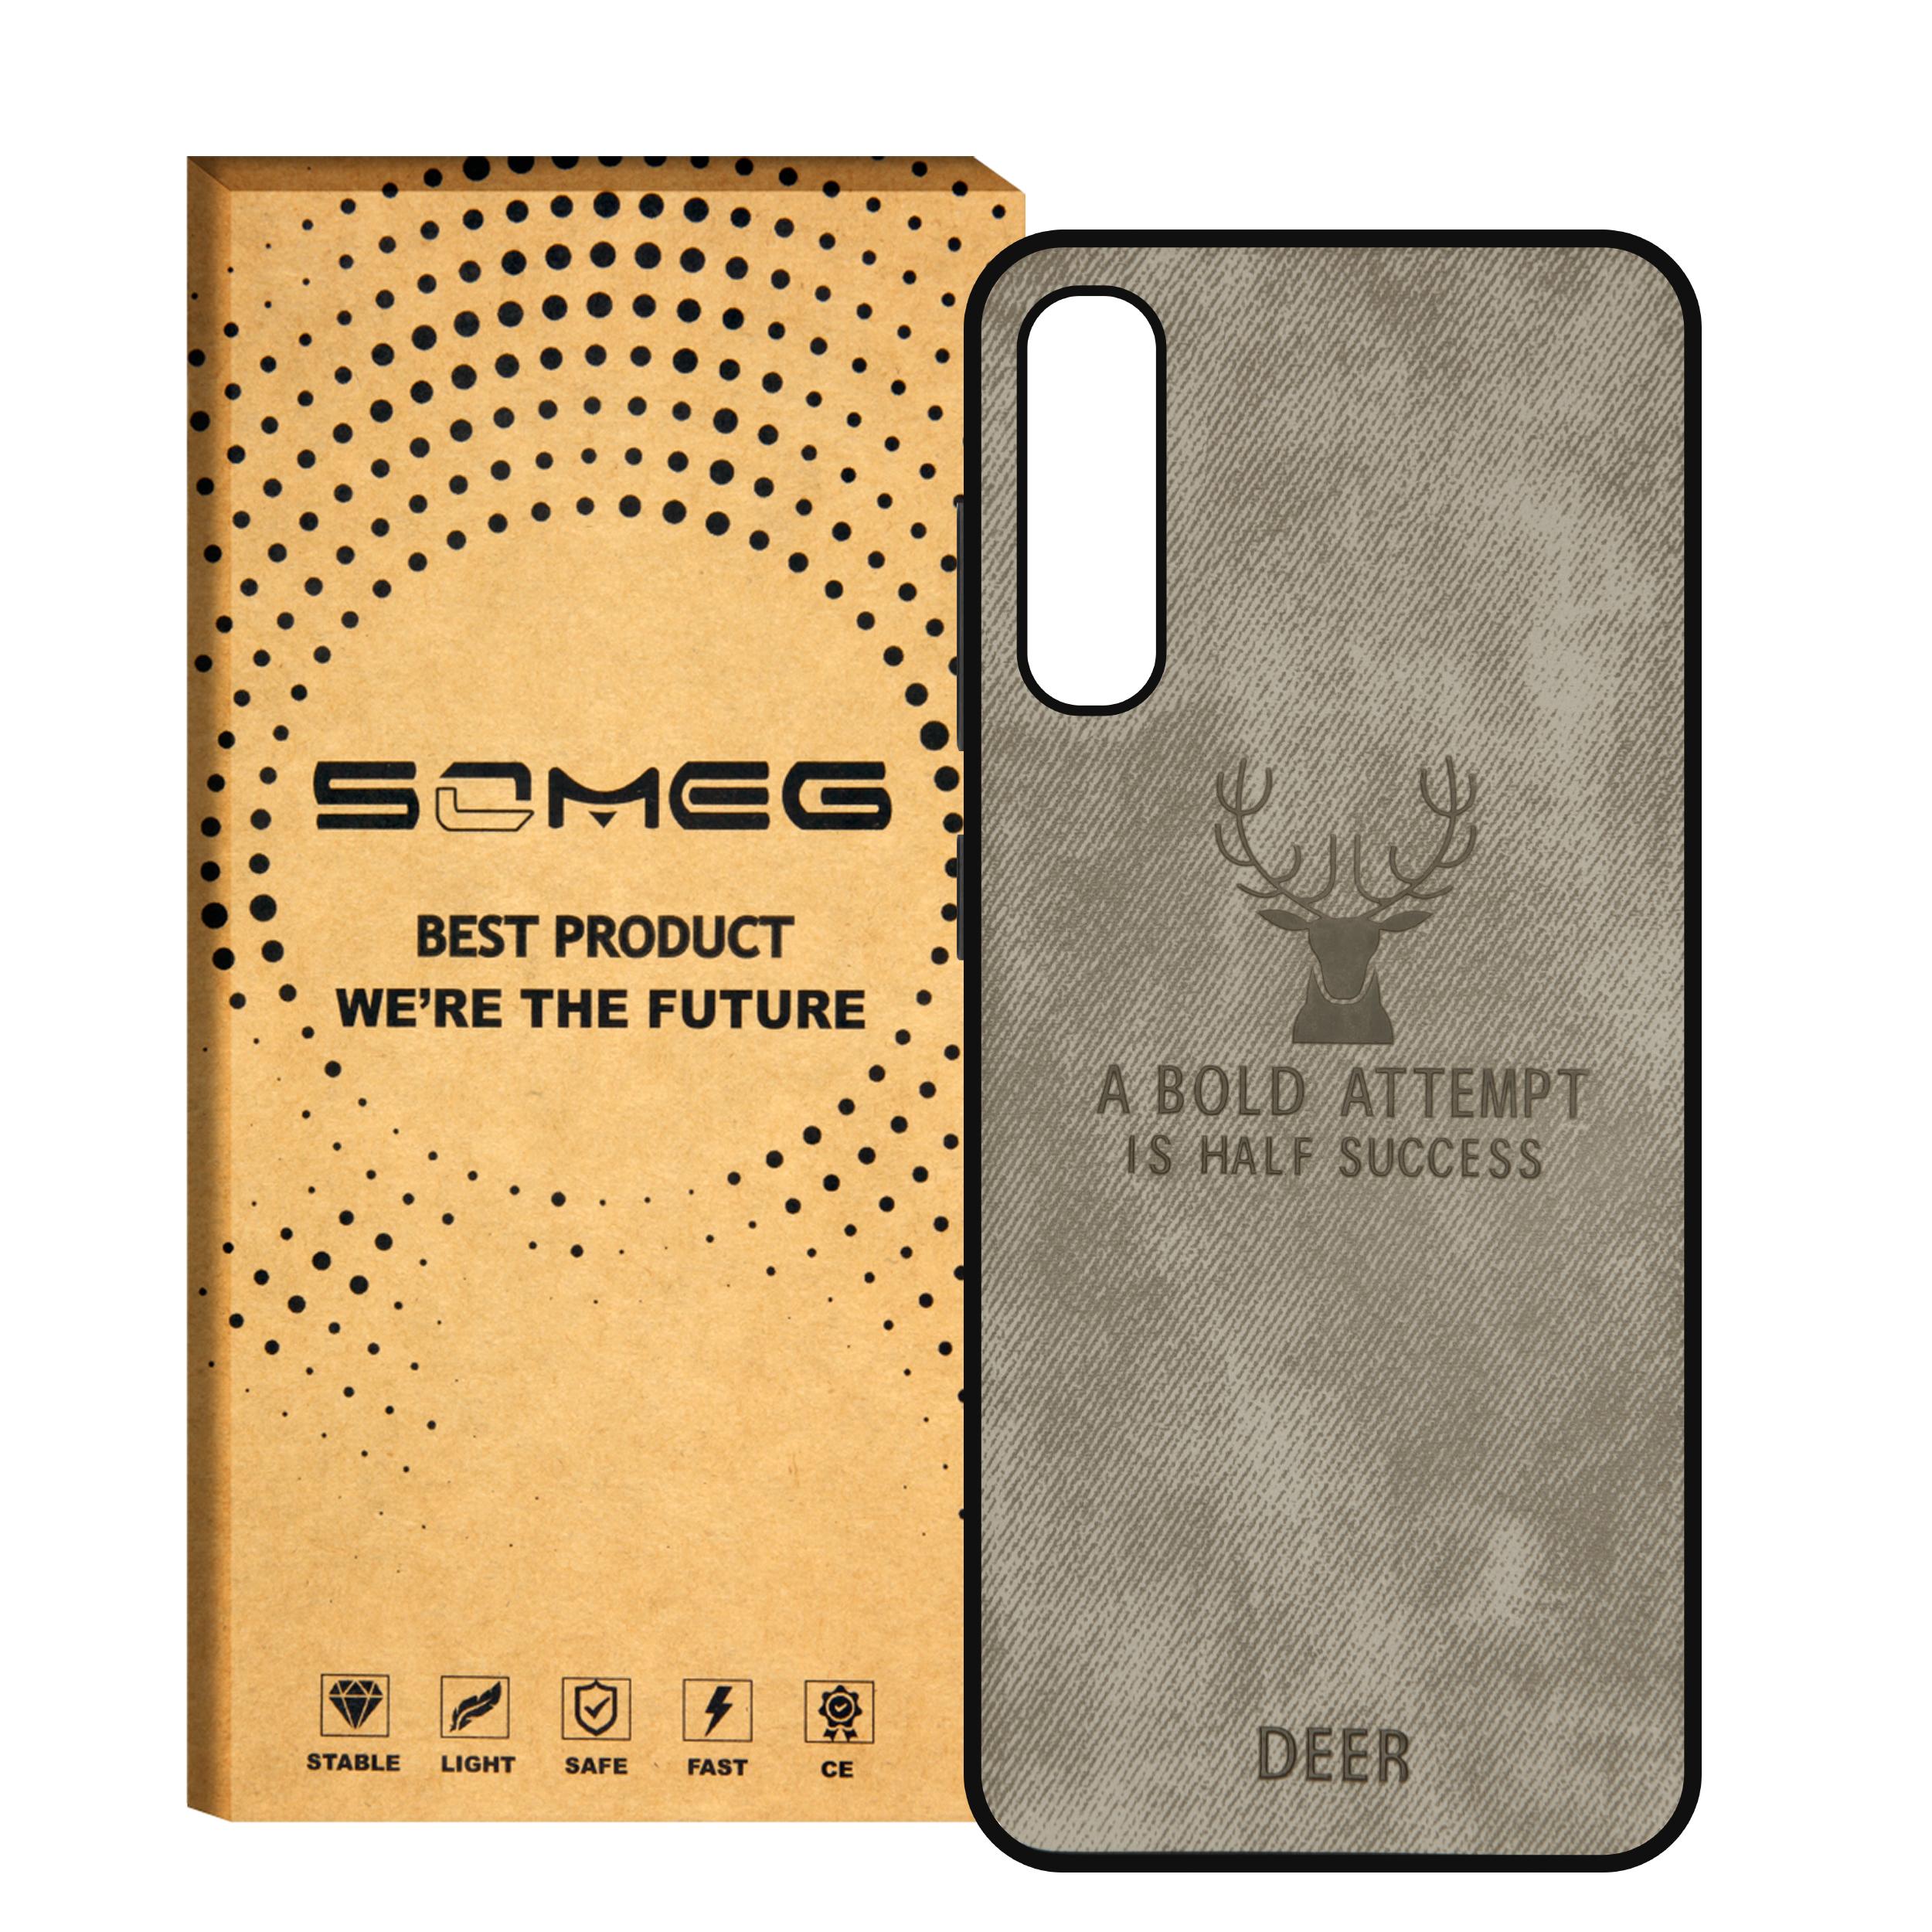 کاور سومگ مدل SMG-Der02 مناسب برای گوشی موبایل سامسونگ Galaxy A70              ( قیمت و خرید)